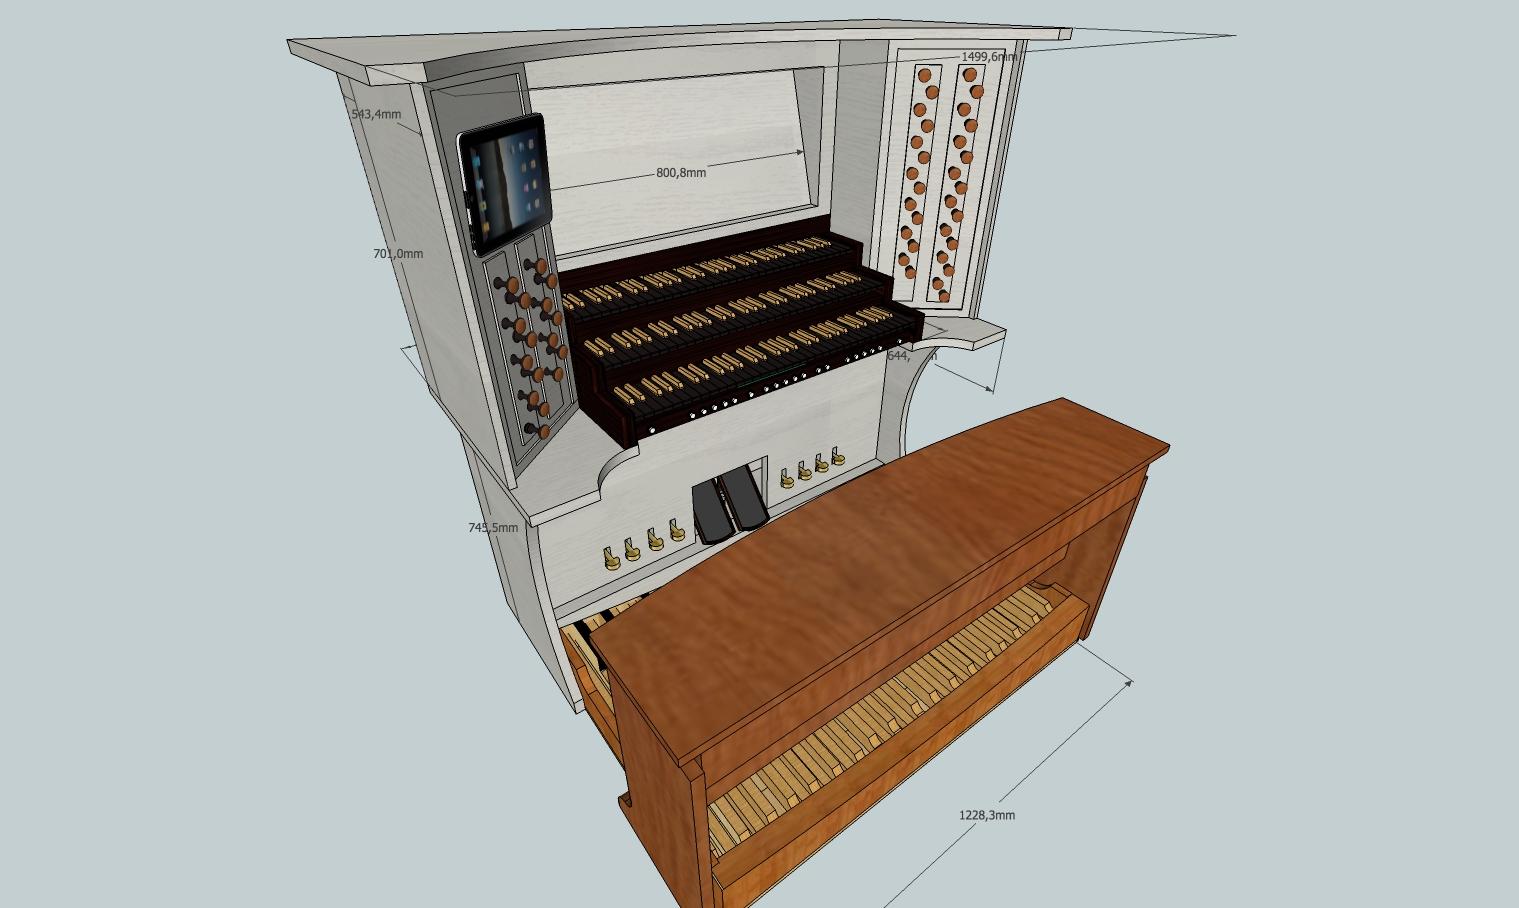 Création d'une console d'orgue virtuel (màj 24/01/2012) - Page 10 543263partiebasseconsole62